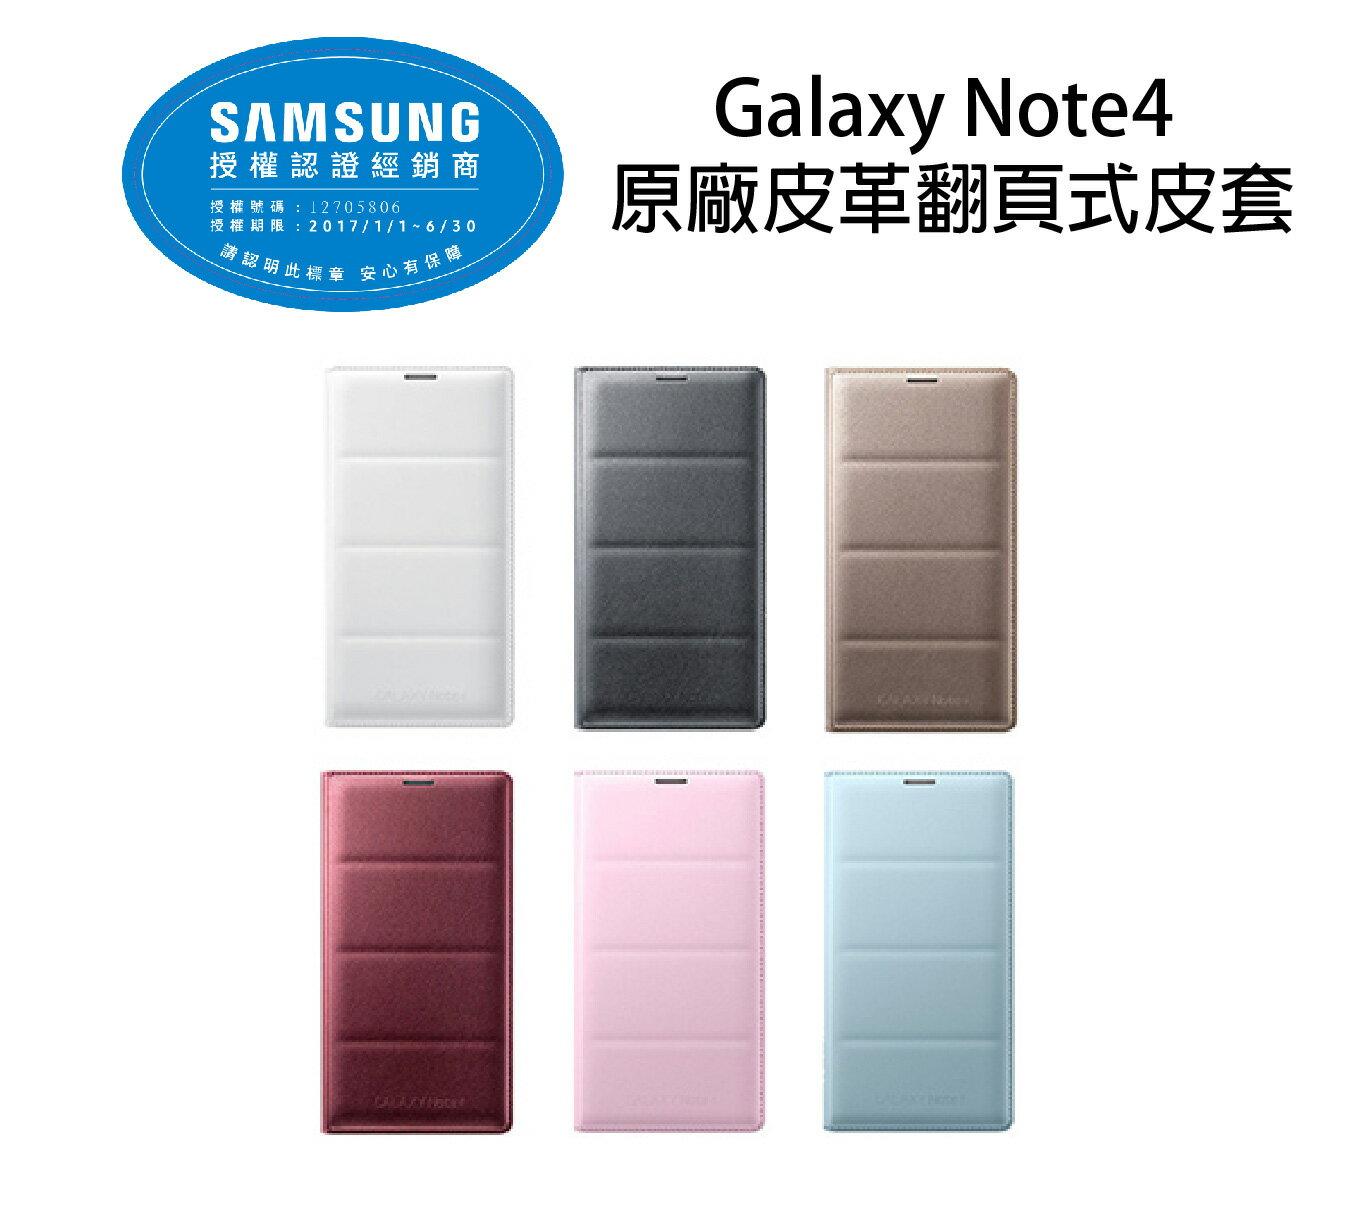 《促銷》Samsung GALAXY Note4 原廠皮革翻頁皮套《超值下殺》